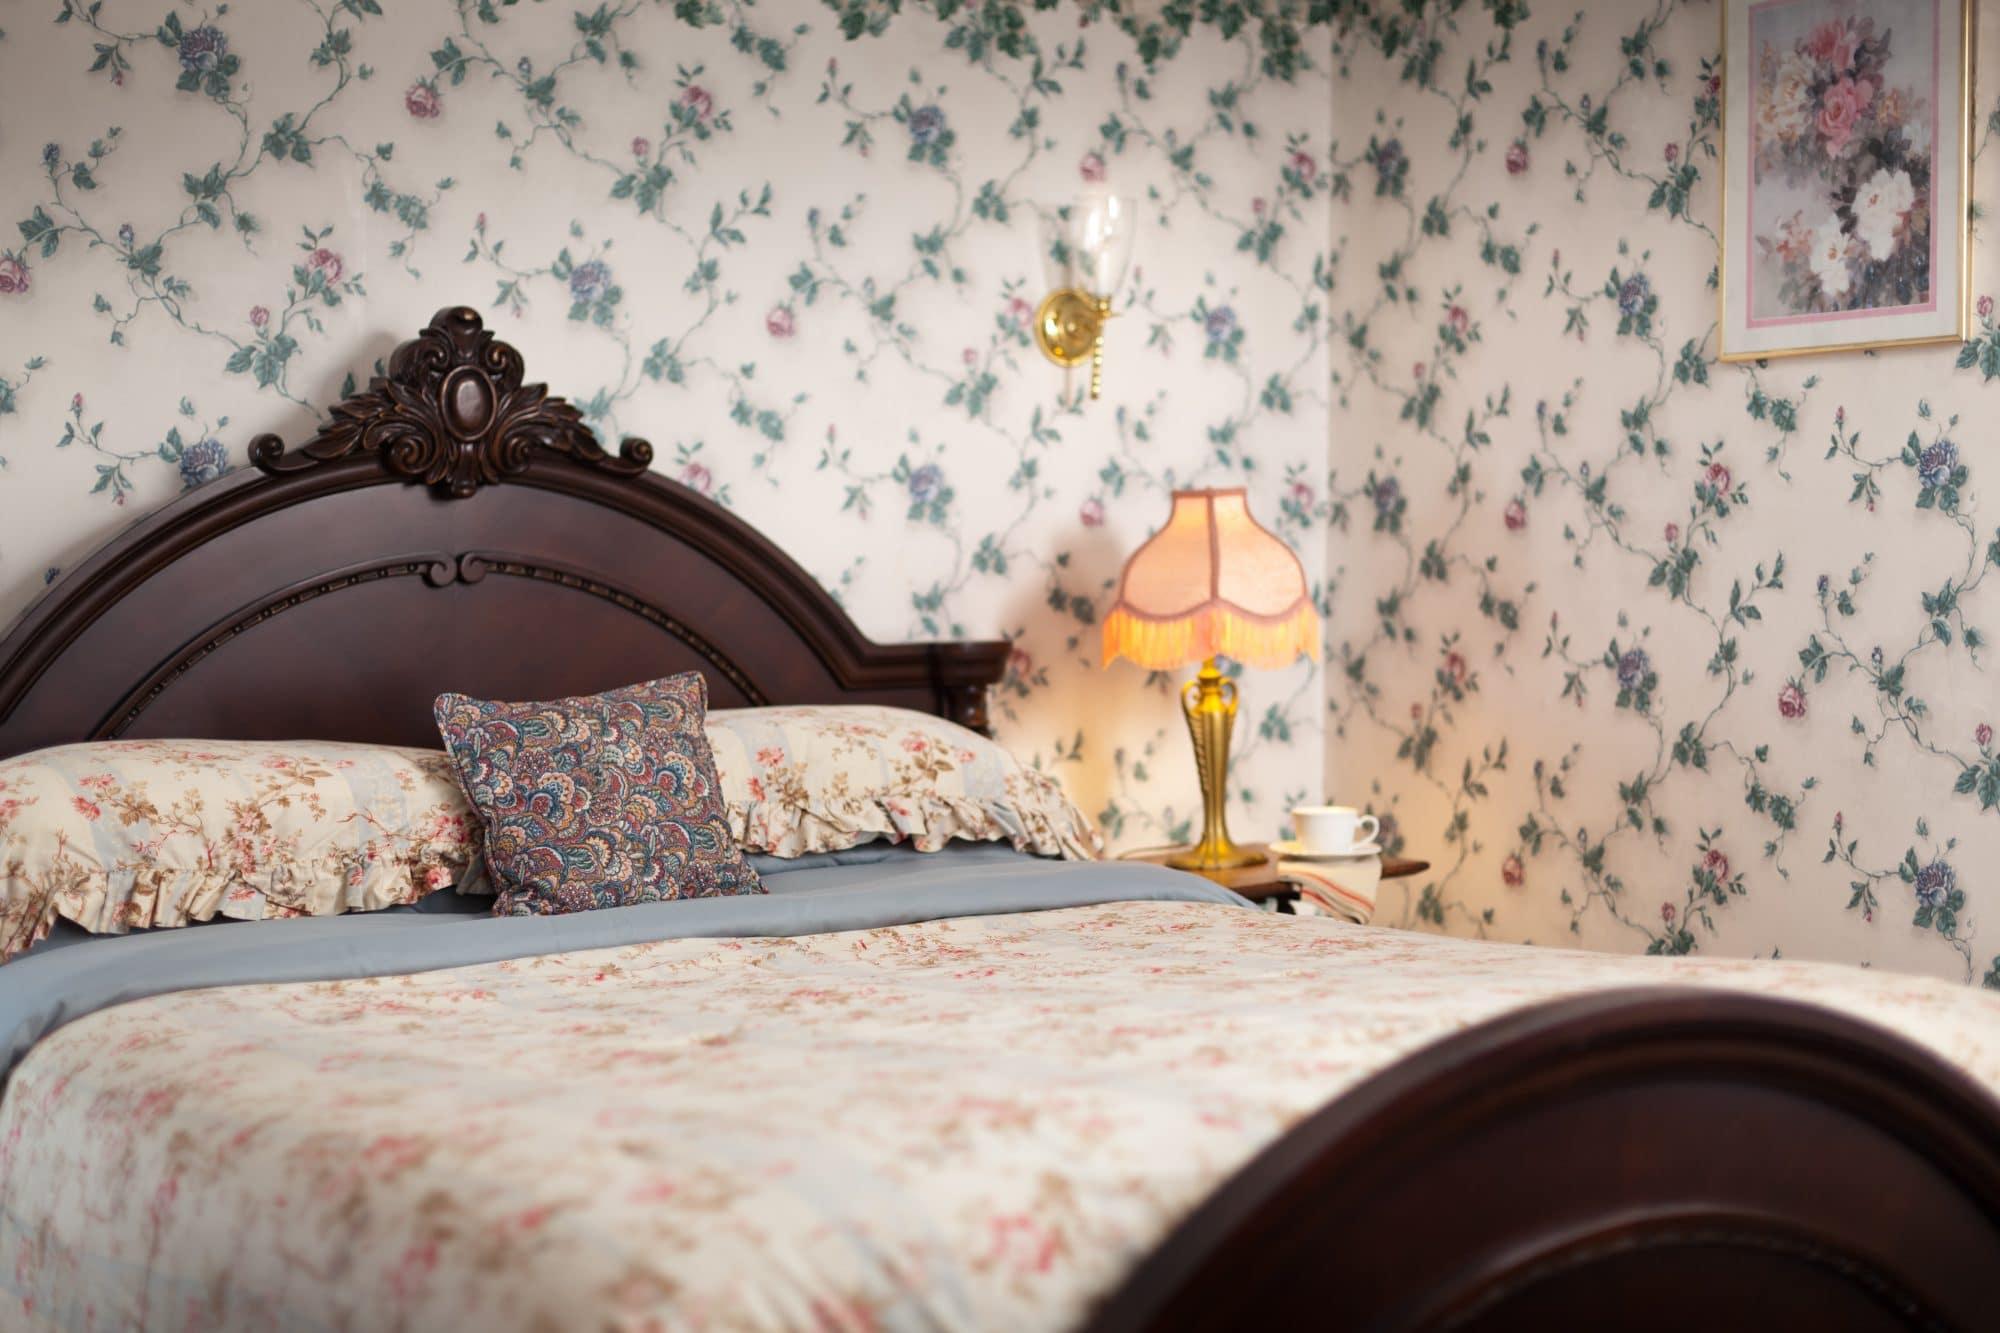 Blue_Dory-Rooms_Renaissance-05